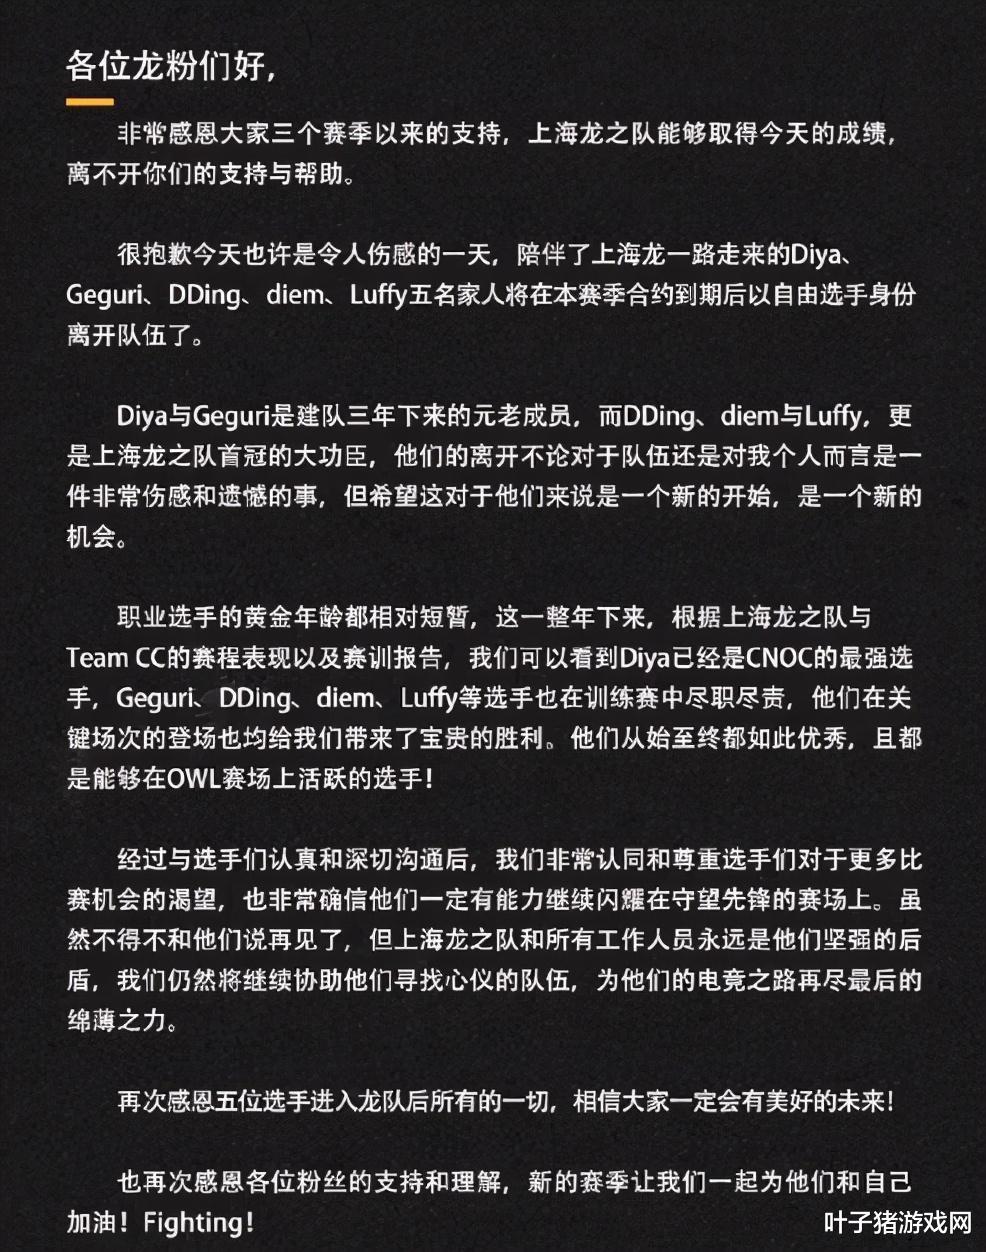 龙之传奇_守望先锋前景堪忧!上海龙之队五人离队,守望2会是最后一根救命草?